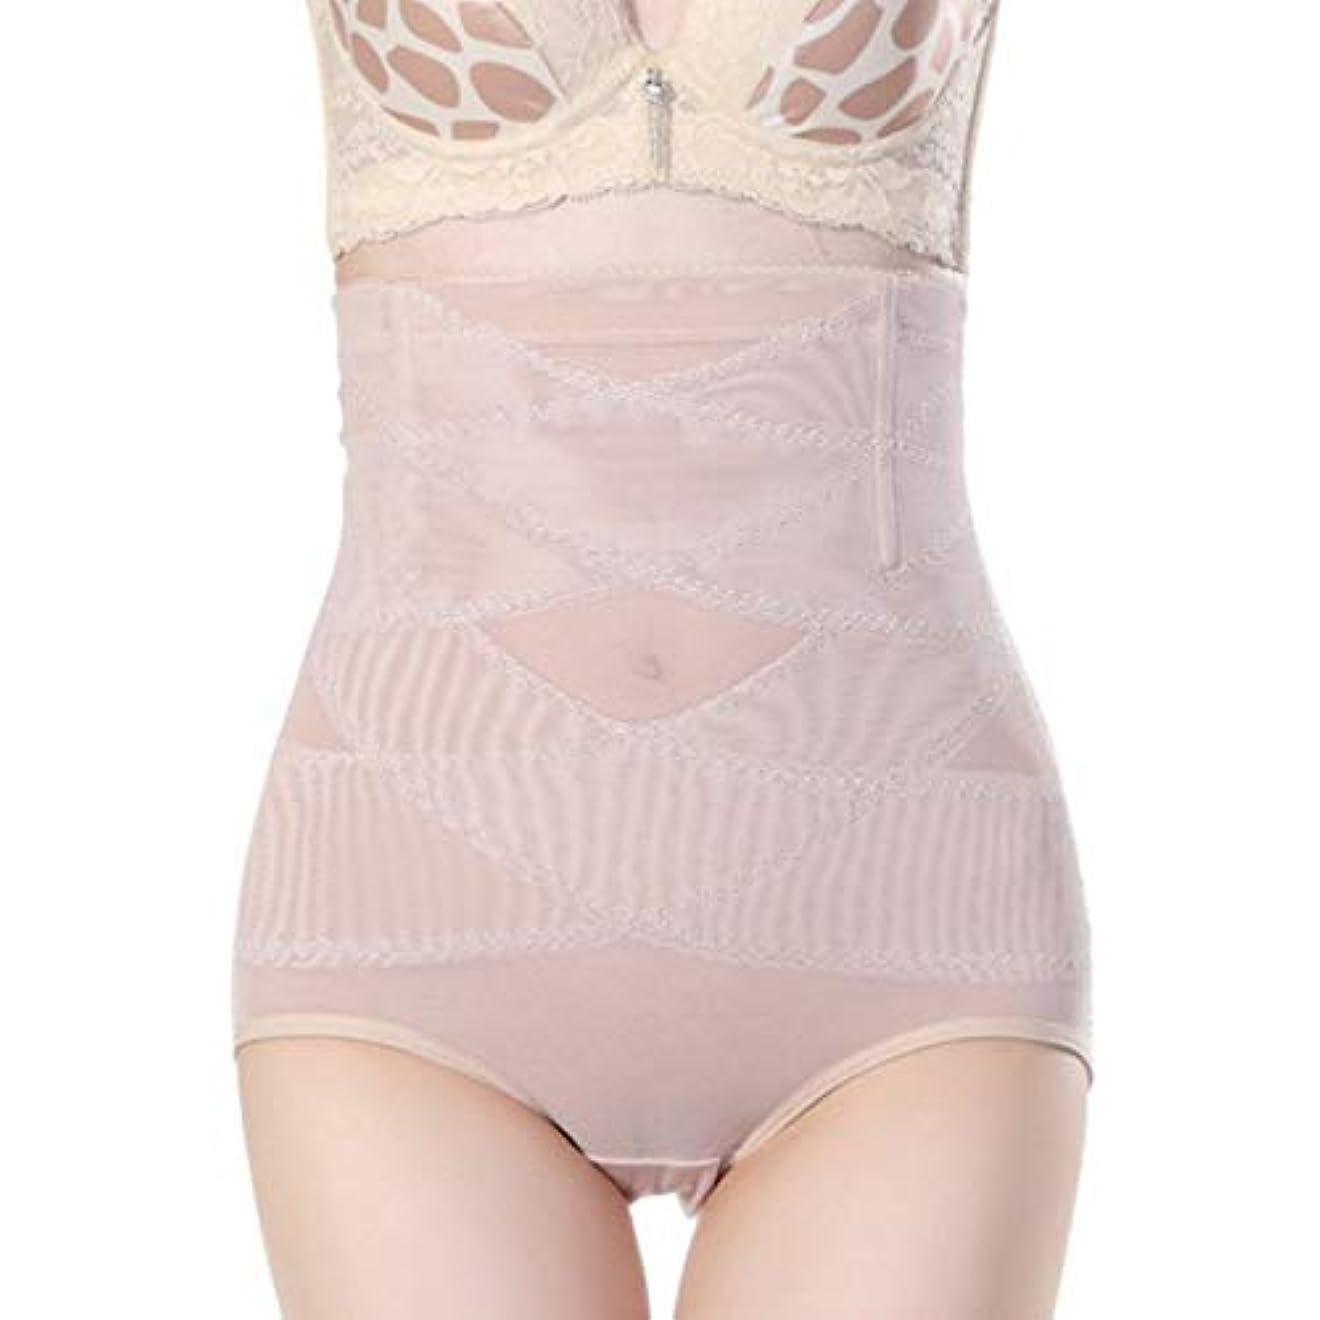 圧力捨てる満員腹部制御下着シームレスおなかコントロールパンティーバットリフターボディシェイパーを痩身通気性のハイウエストの女性 - 肌色3 XL